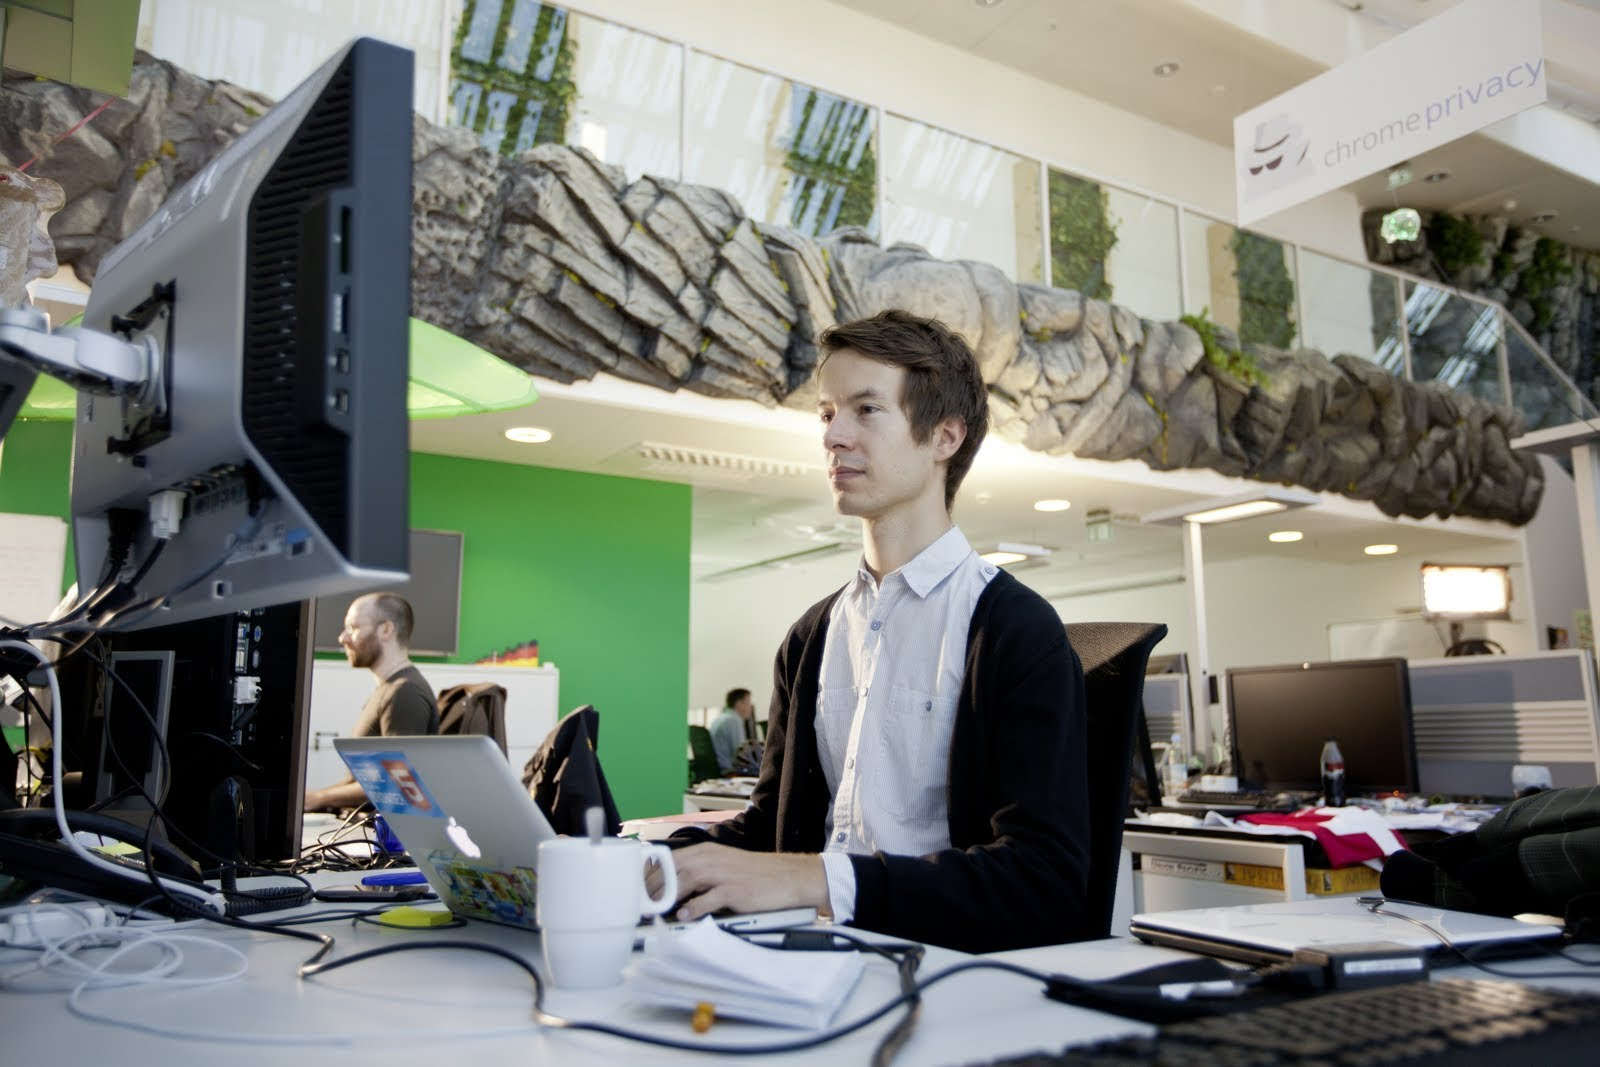 Google Entwicklungszentrum München